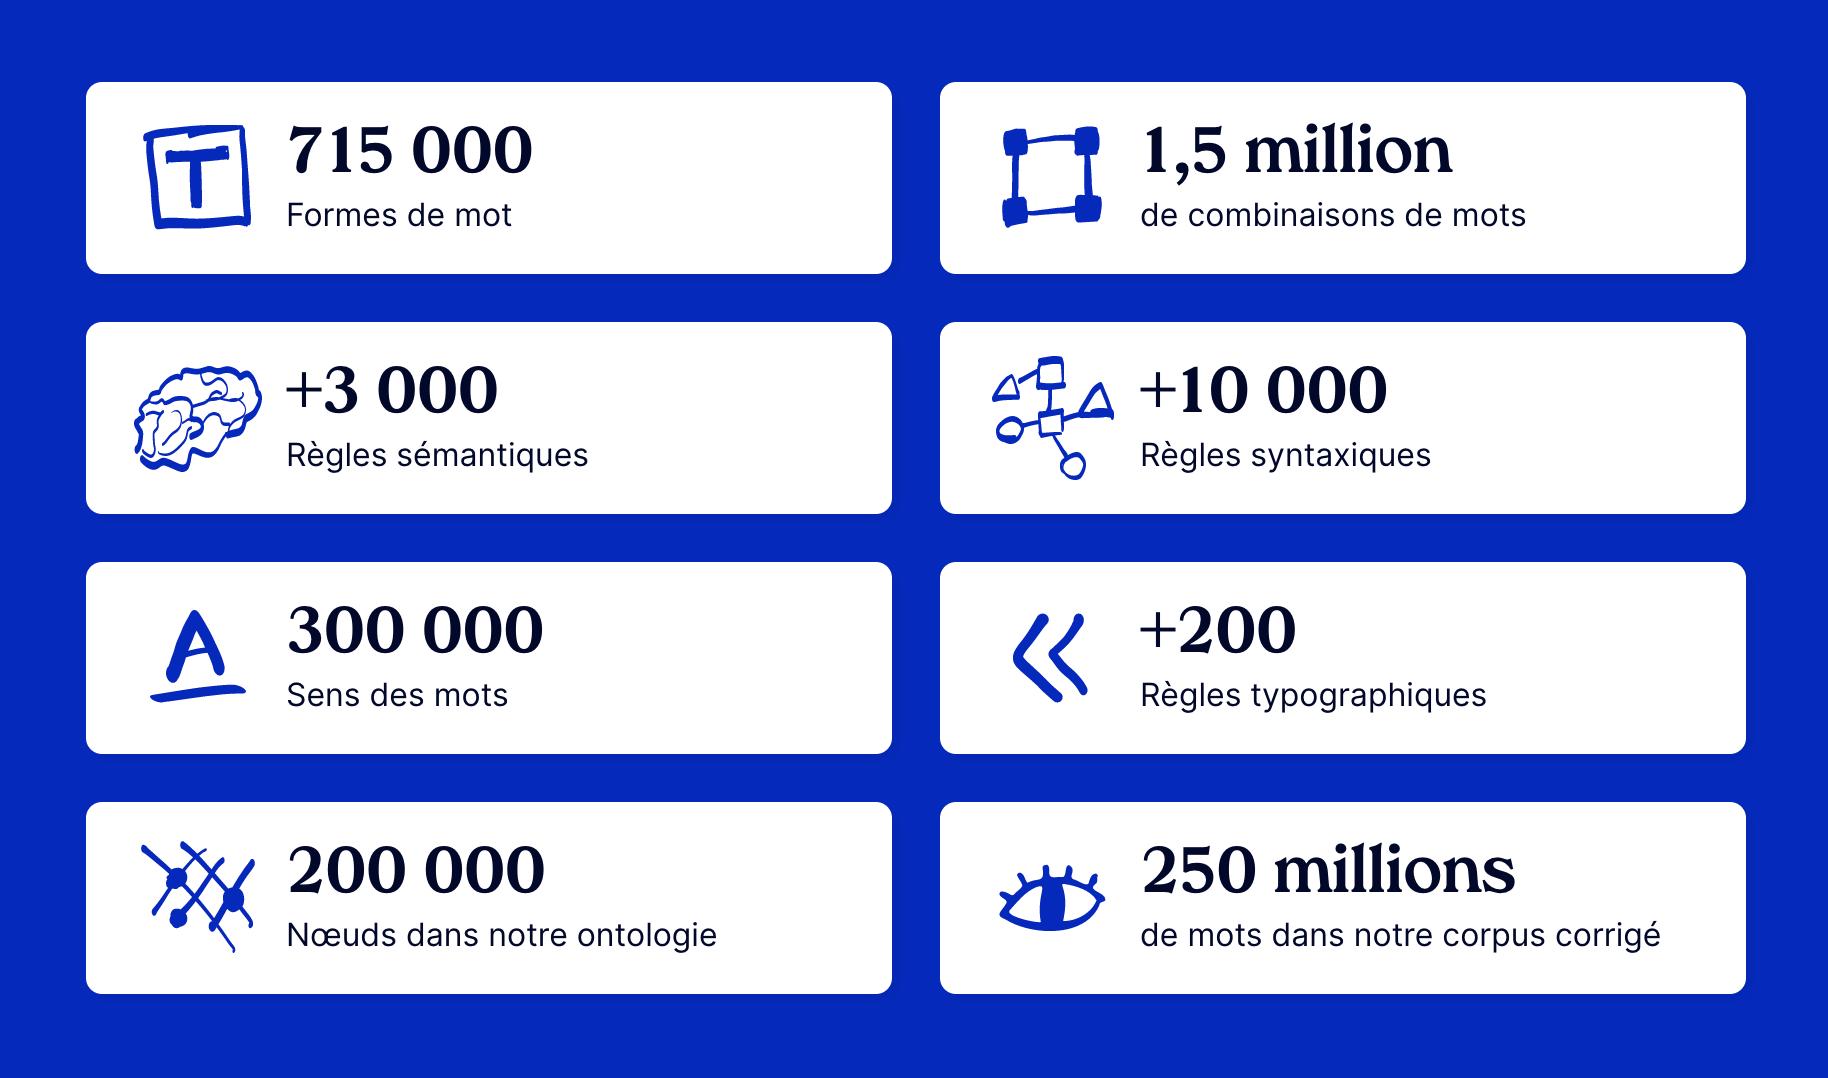 Quelques caractéristiques techniques de MerciApp : la solution d'amélioration de la crédibilité et de la productivité à l'écrit nouvelle génération.